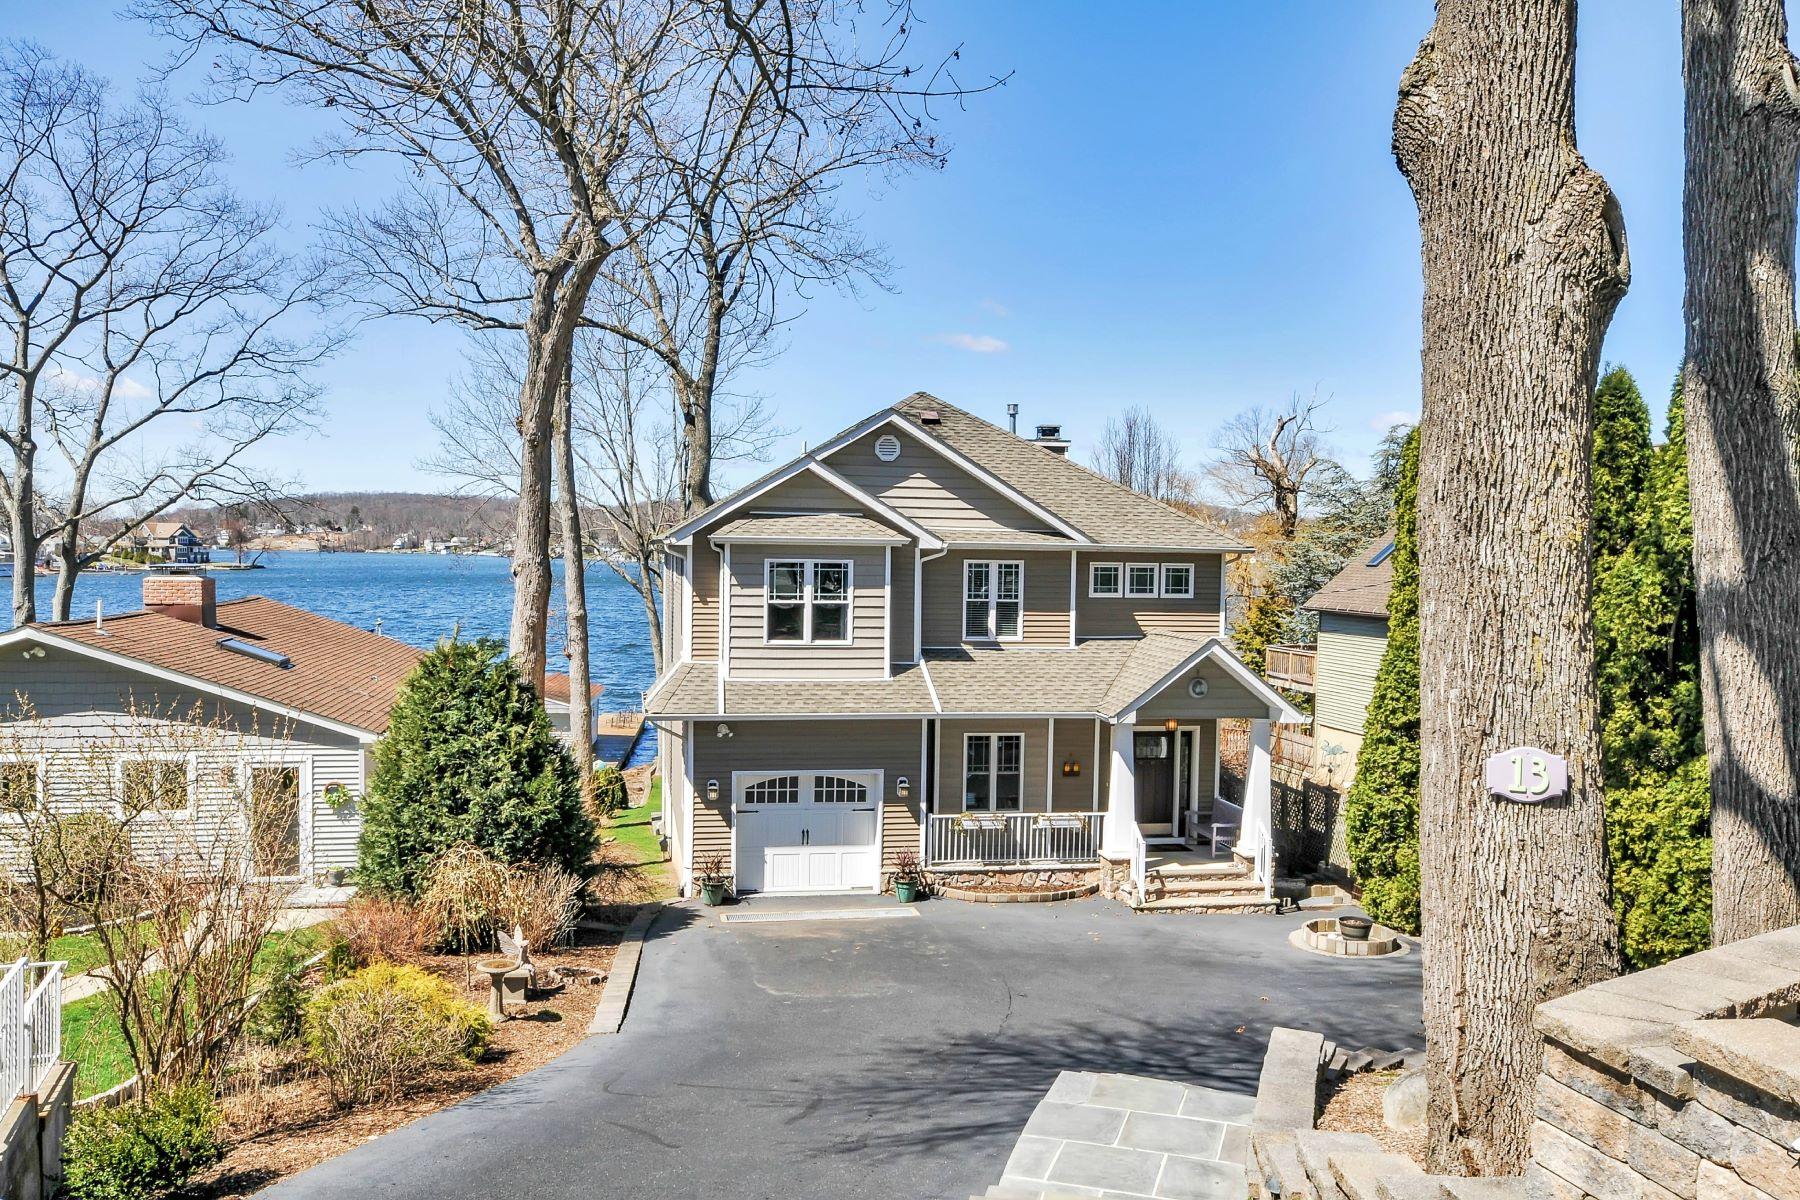 Частный односемейный дом для того Продажа на Amazing lakefront views and sunsets all year long. 13 Bertrand Island Road Mount Arlington, Нью-Джерси, 07856 Соединенные Штаты